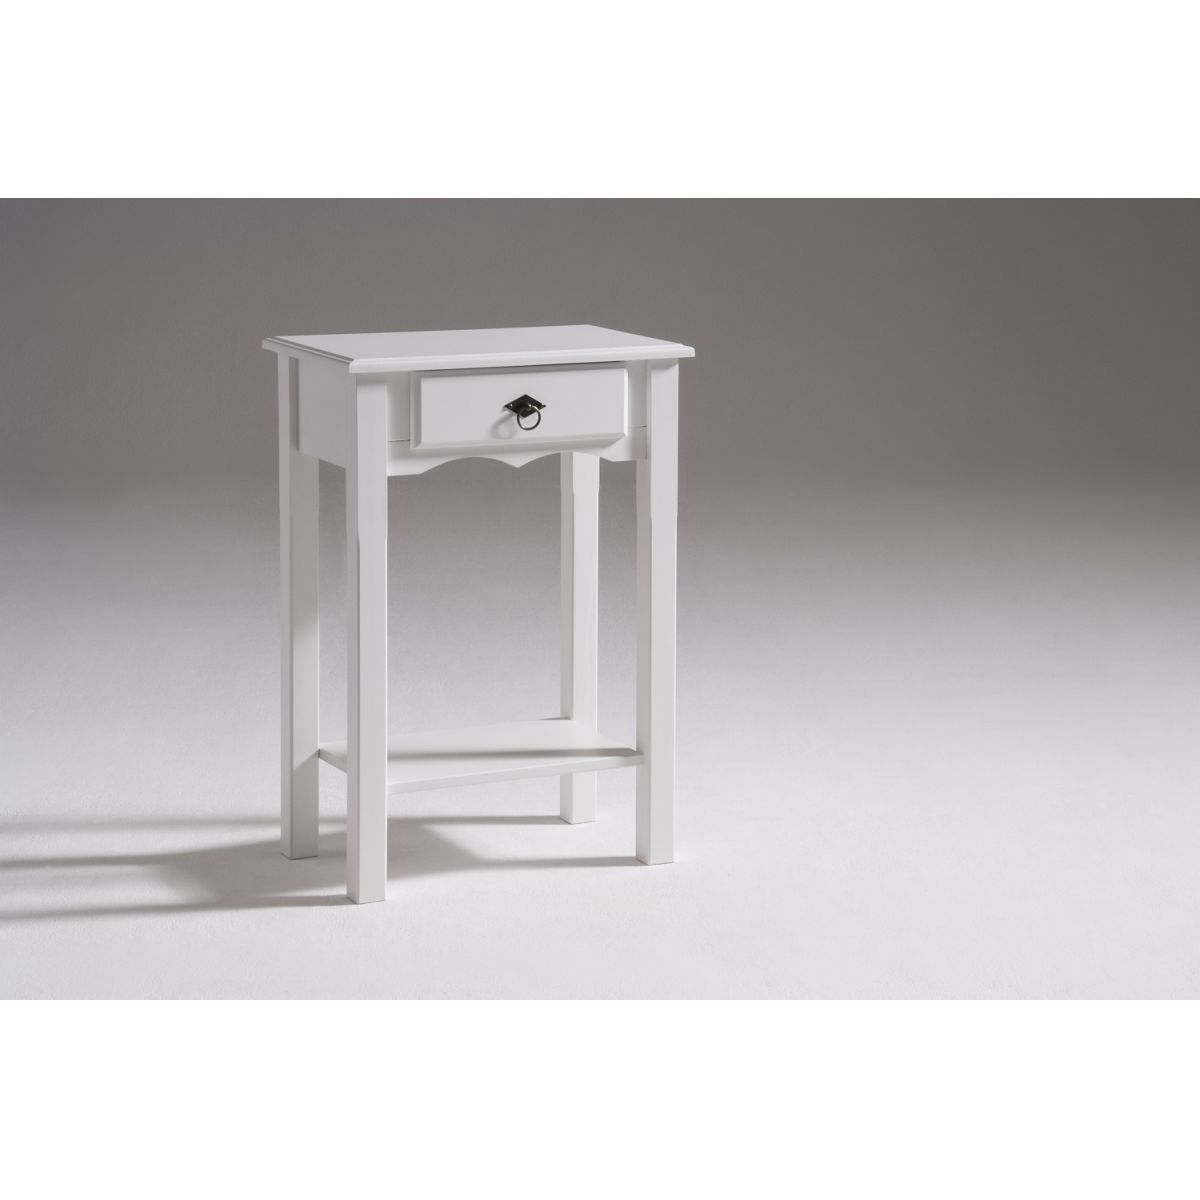 Aparador Branco Com Gaveta ~ Aparador Pequeno 1 Gaveta Cores (branco) Casa da Serra